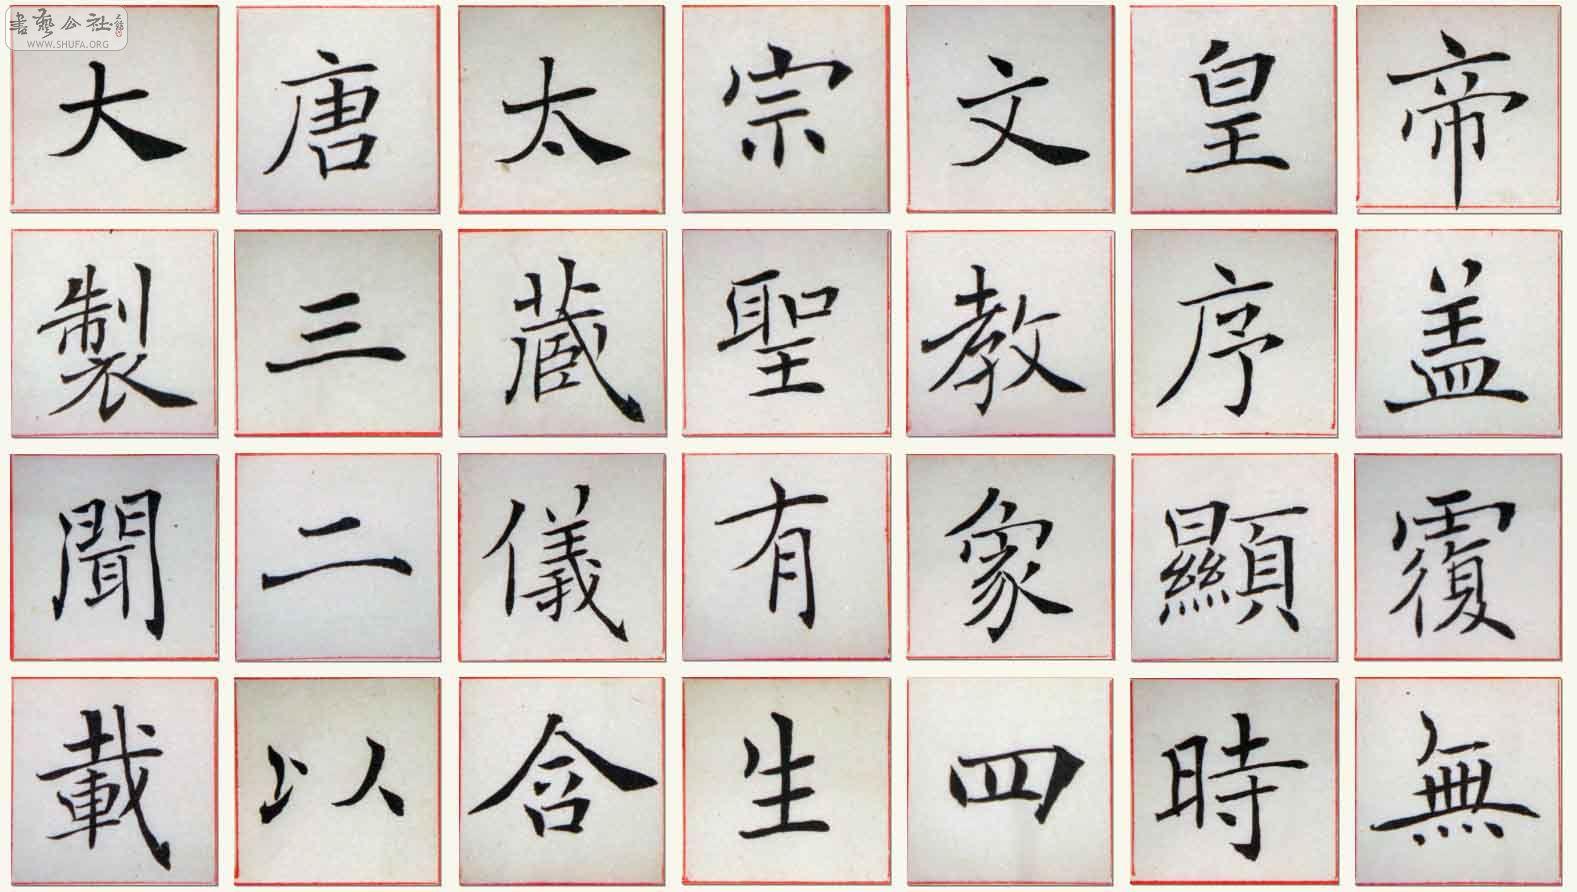 沙孟海书法字体转换